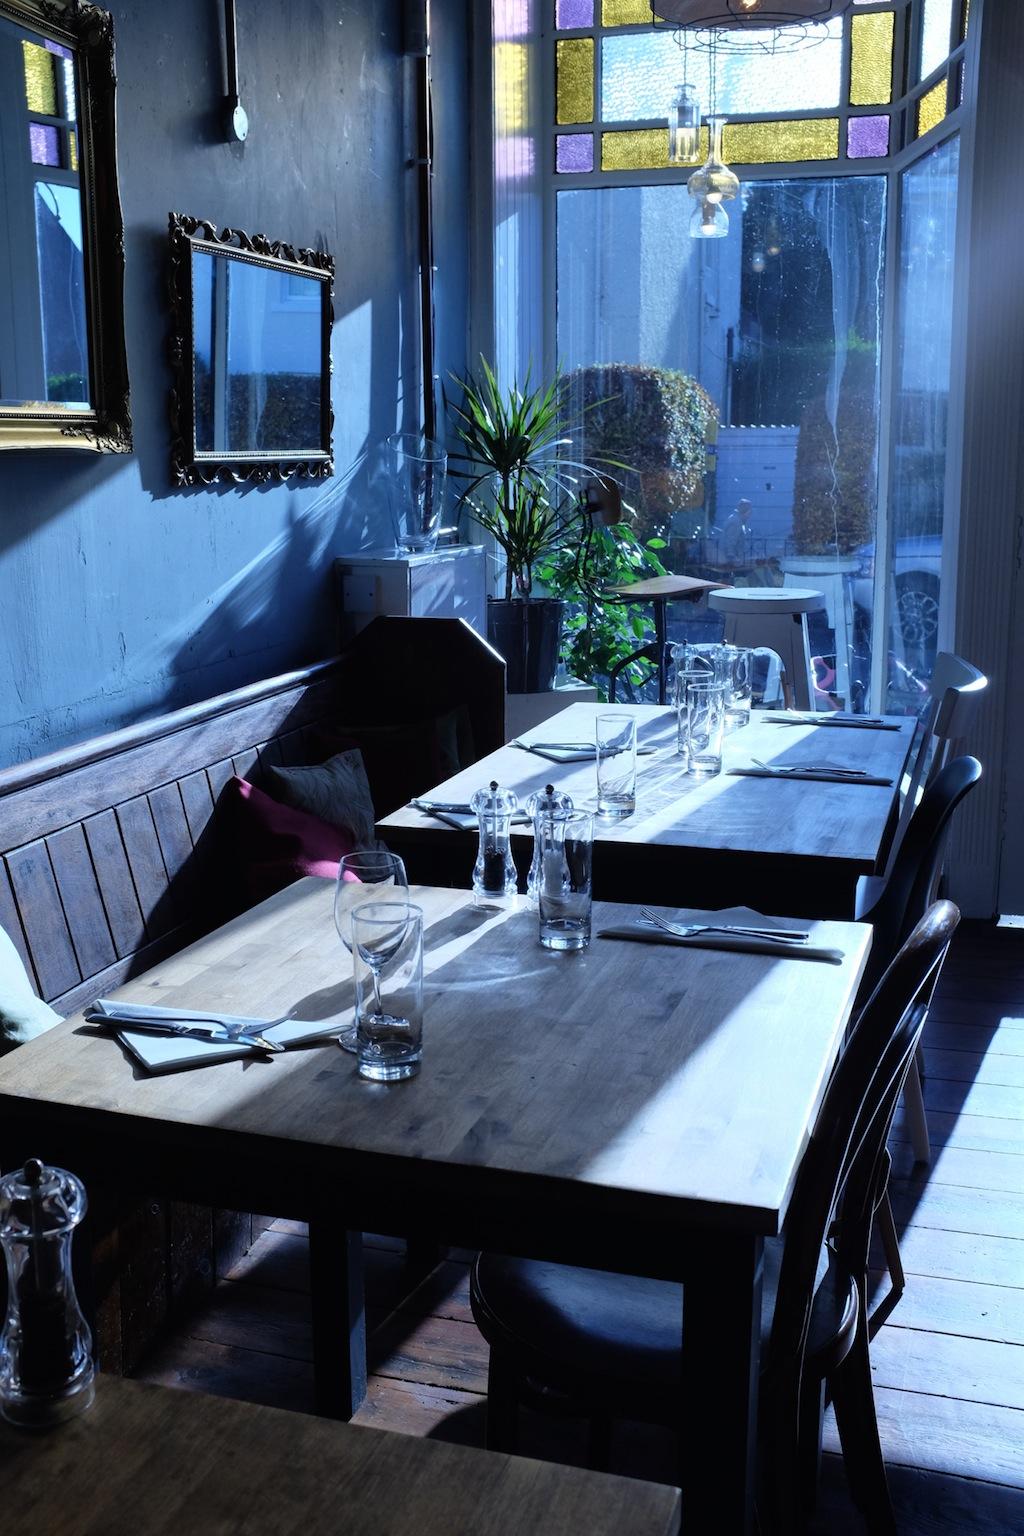 Bridge_Street_Kitchen_Dollar_Clackmananshire